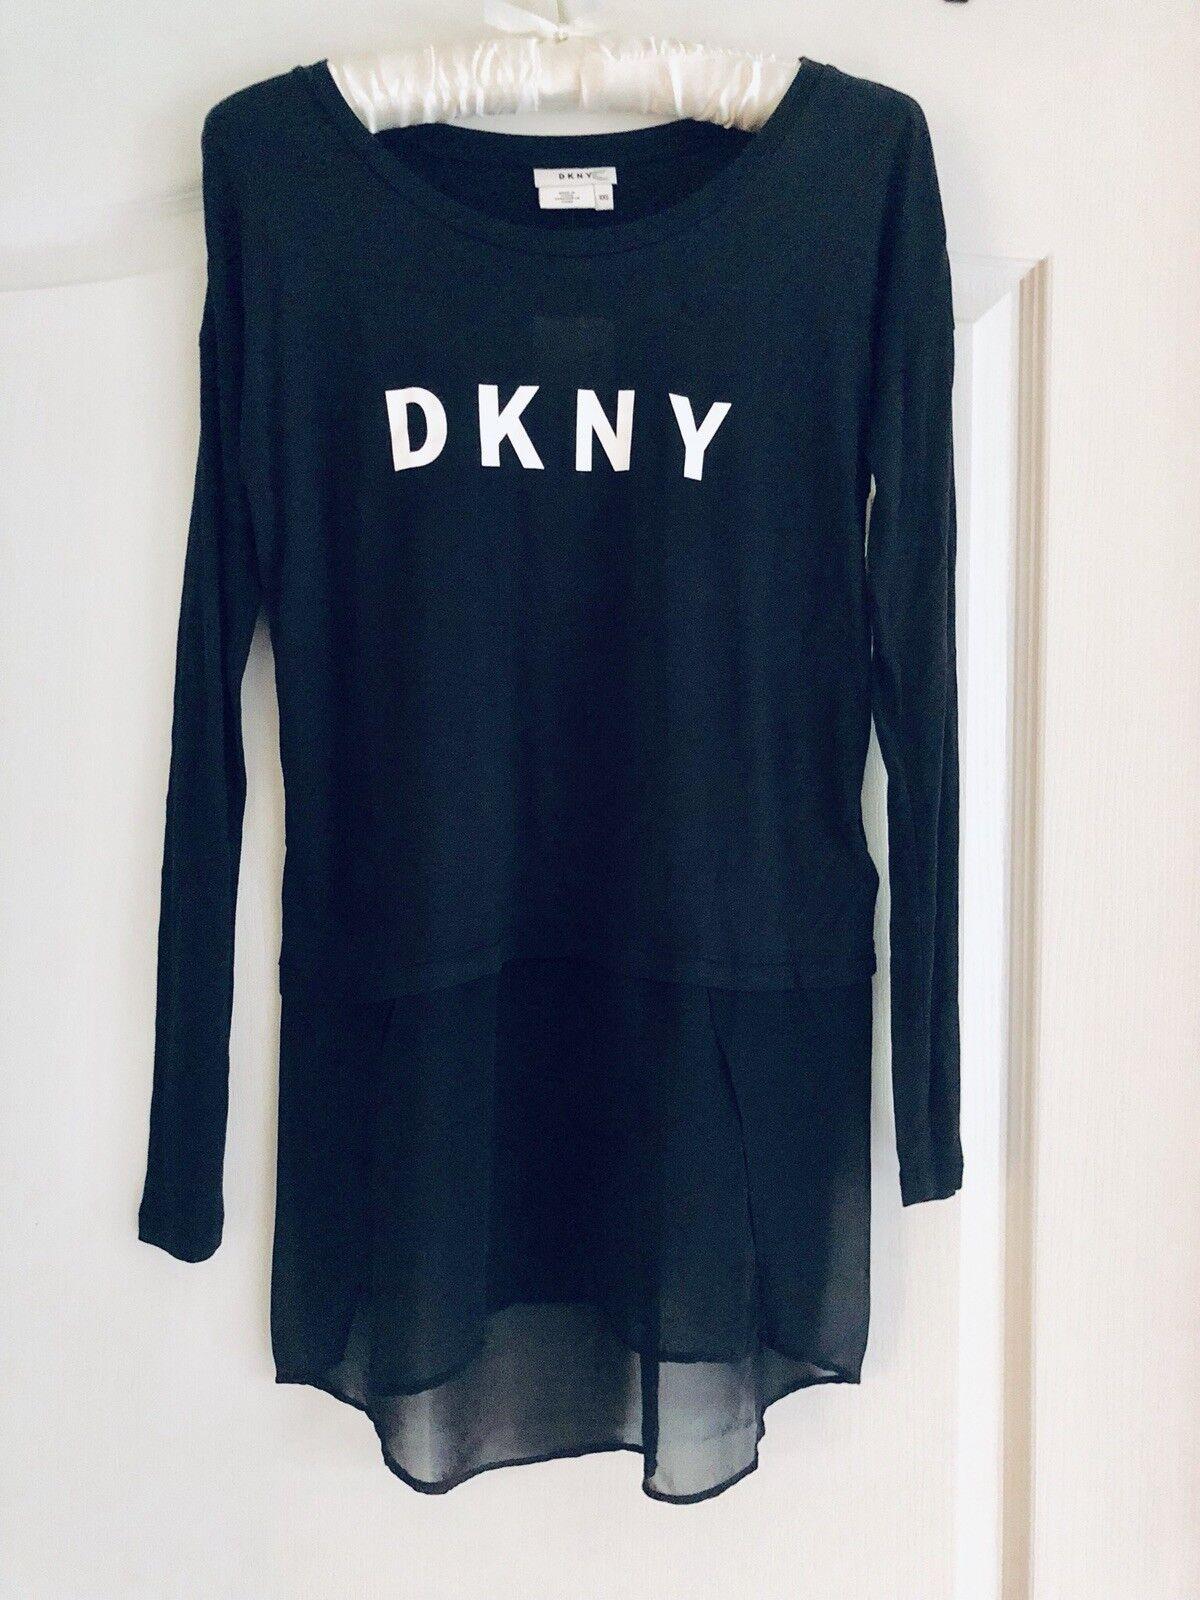 DKNY long sleeve hi low top XXS. NWT